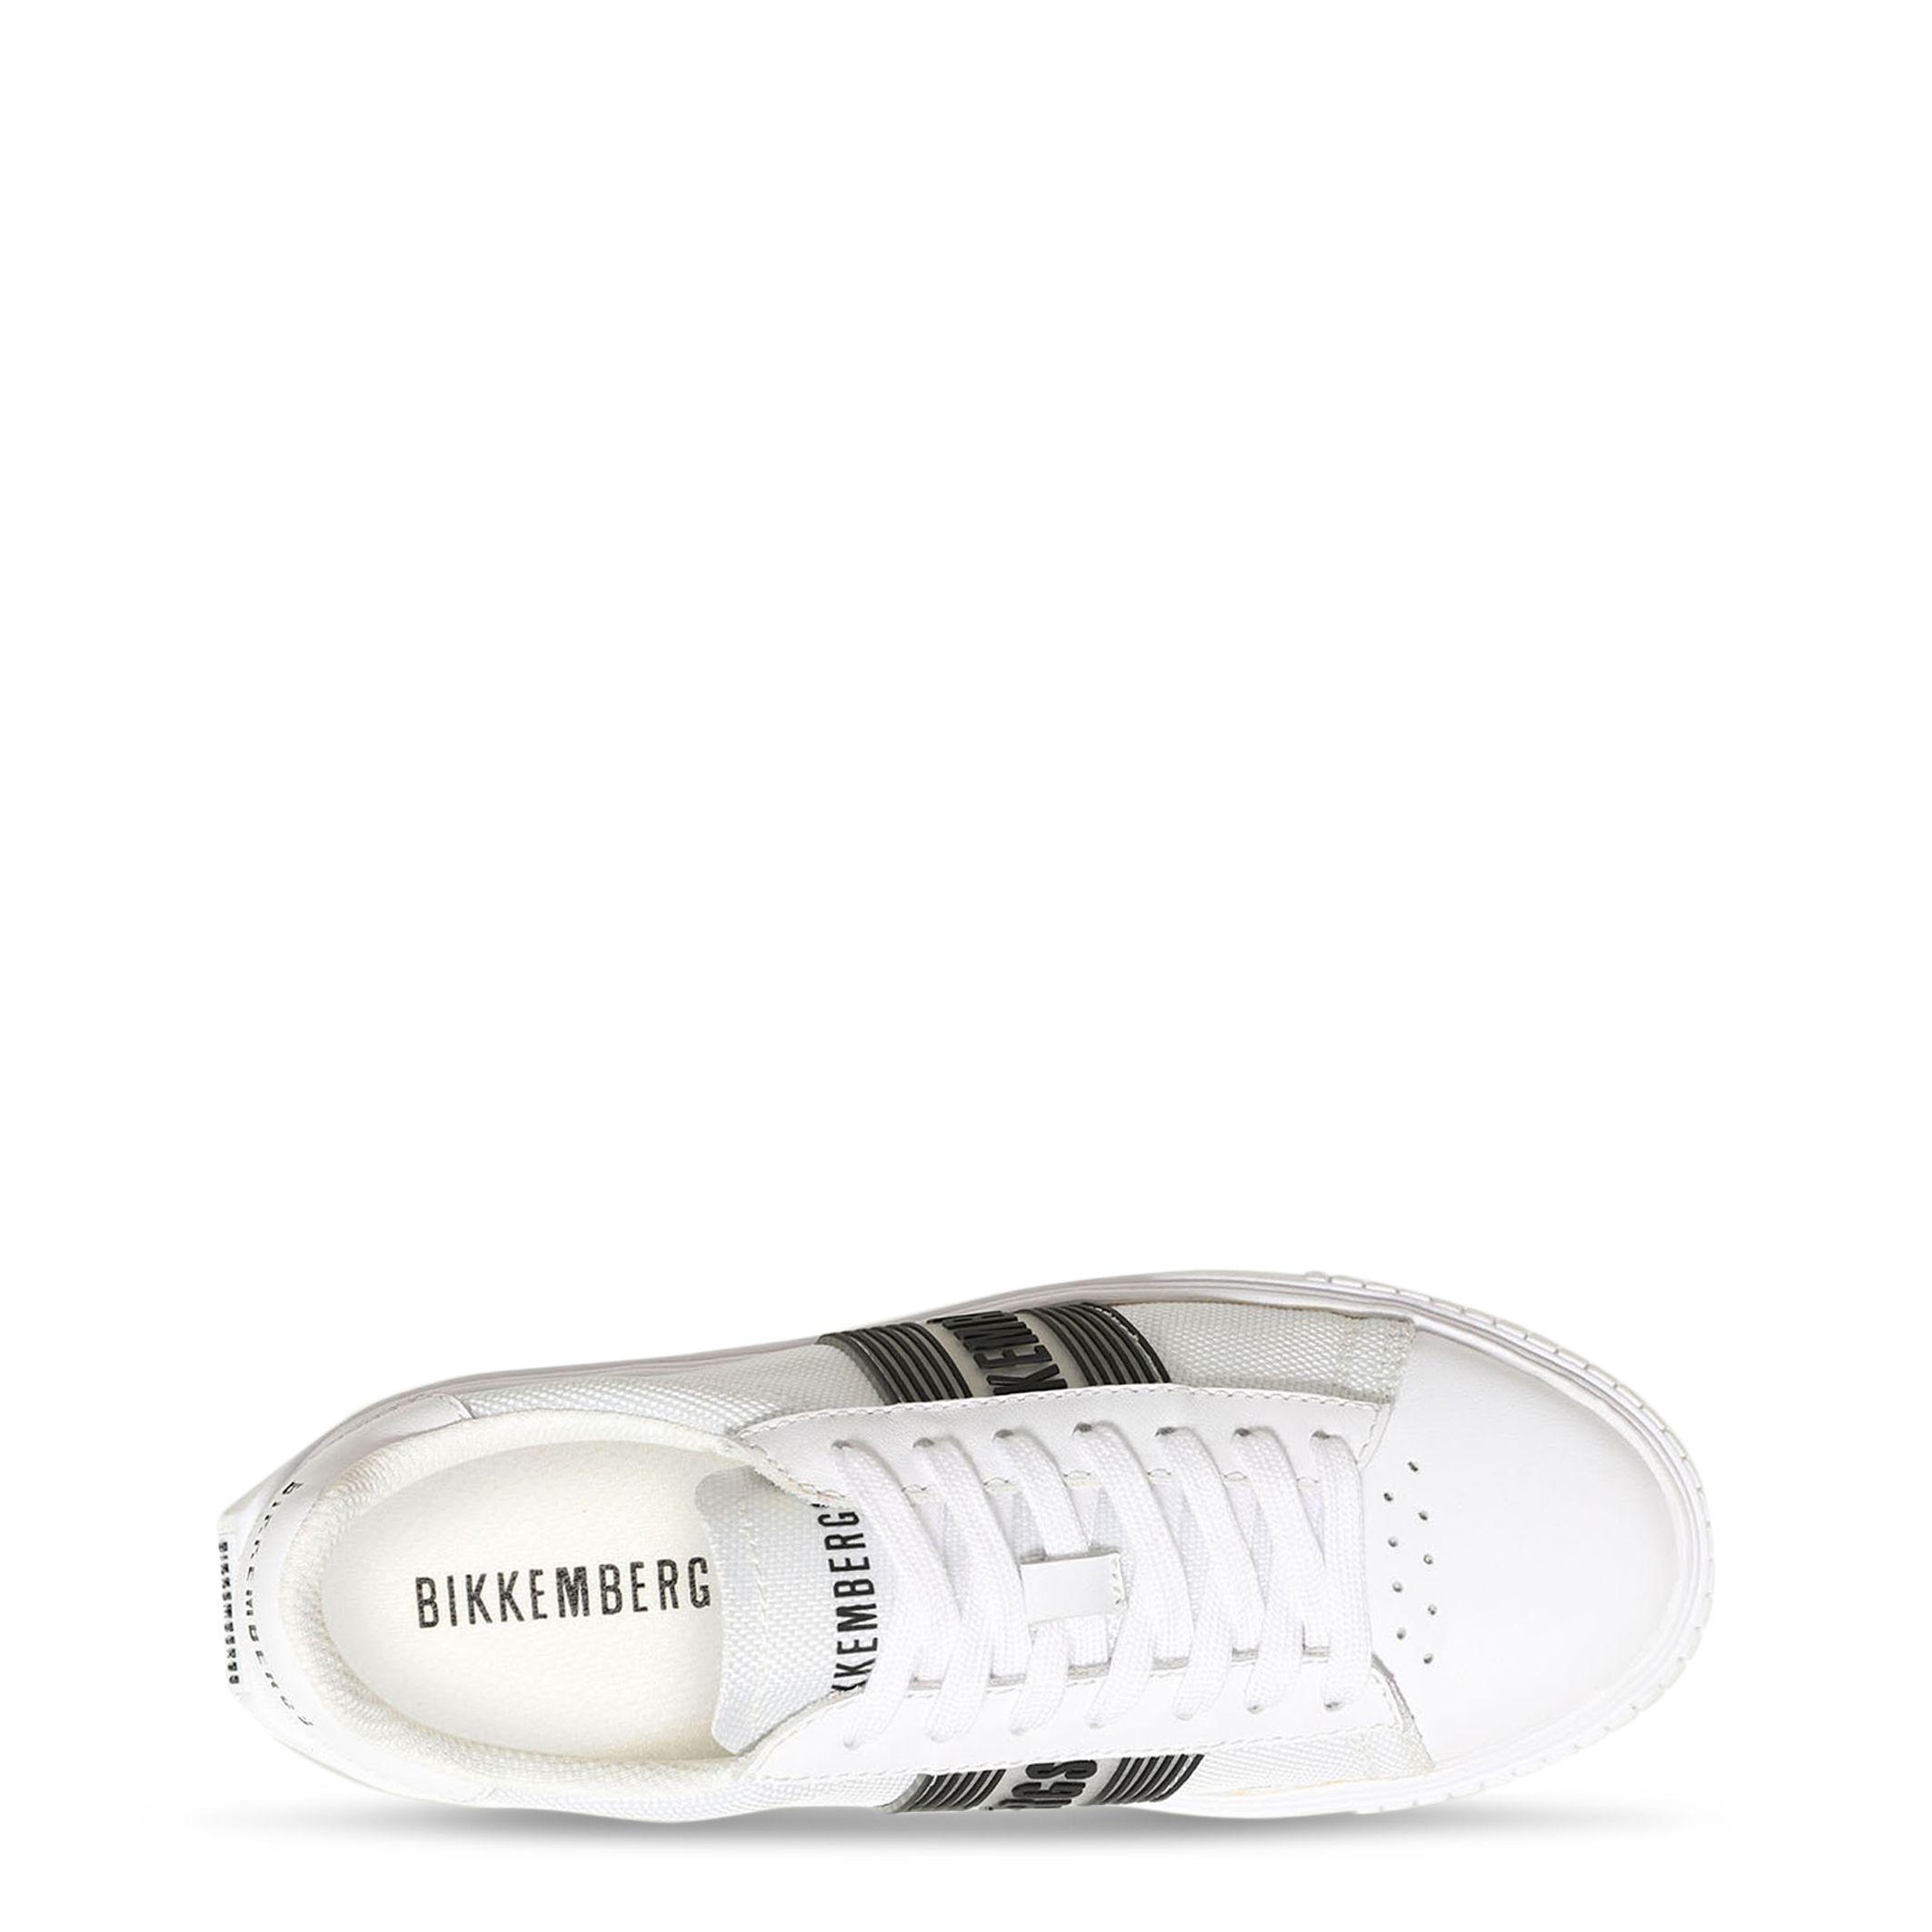 Schuhe Bikkembergs – B4BKW0038